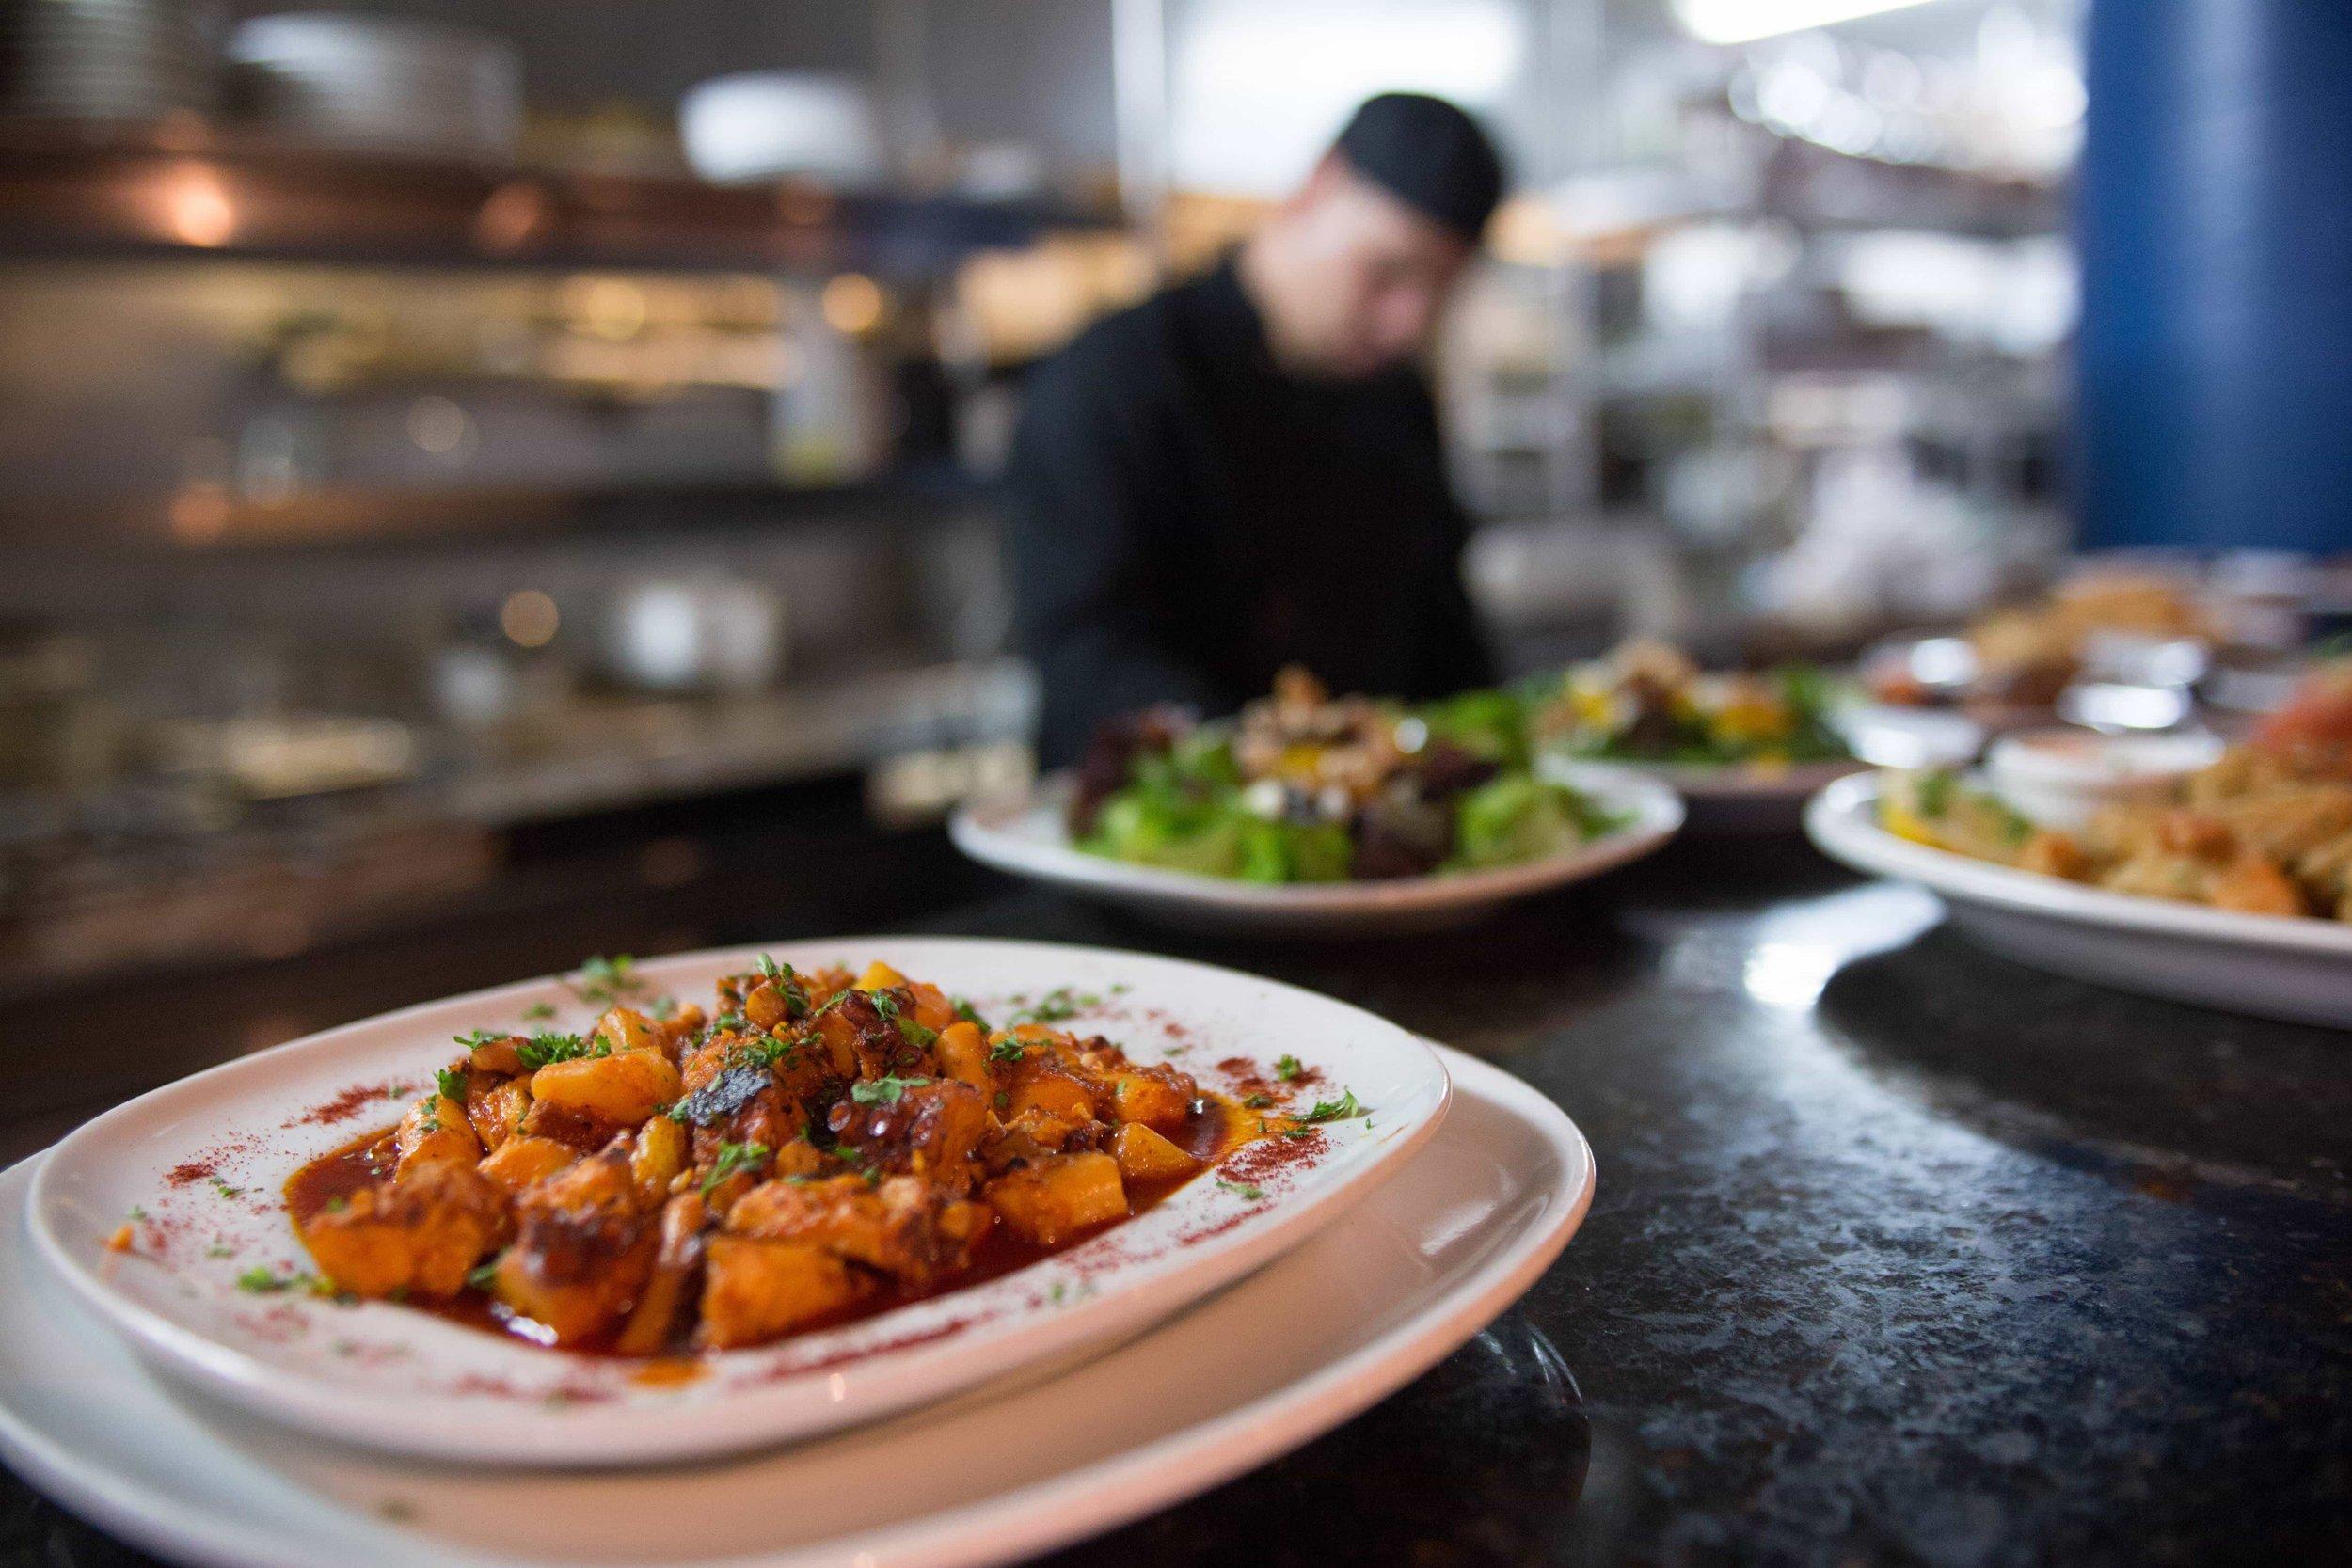 puerto-la-boca-chef-preparing-food.jpg